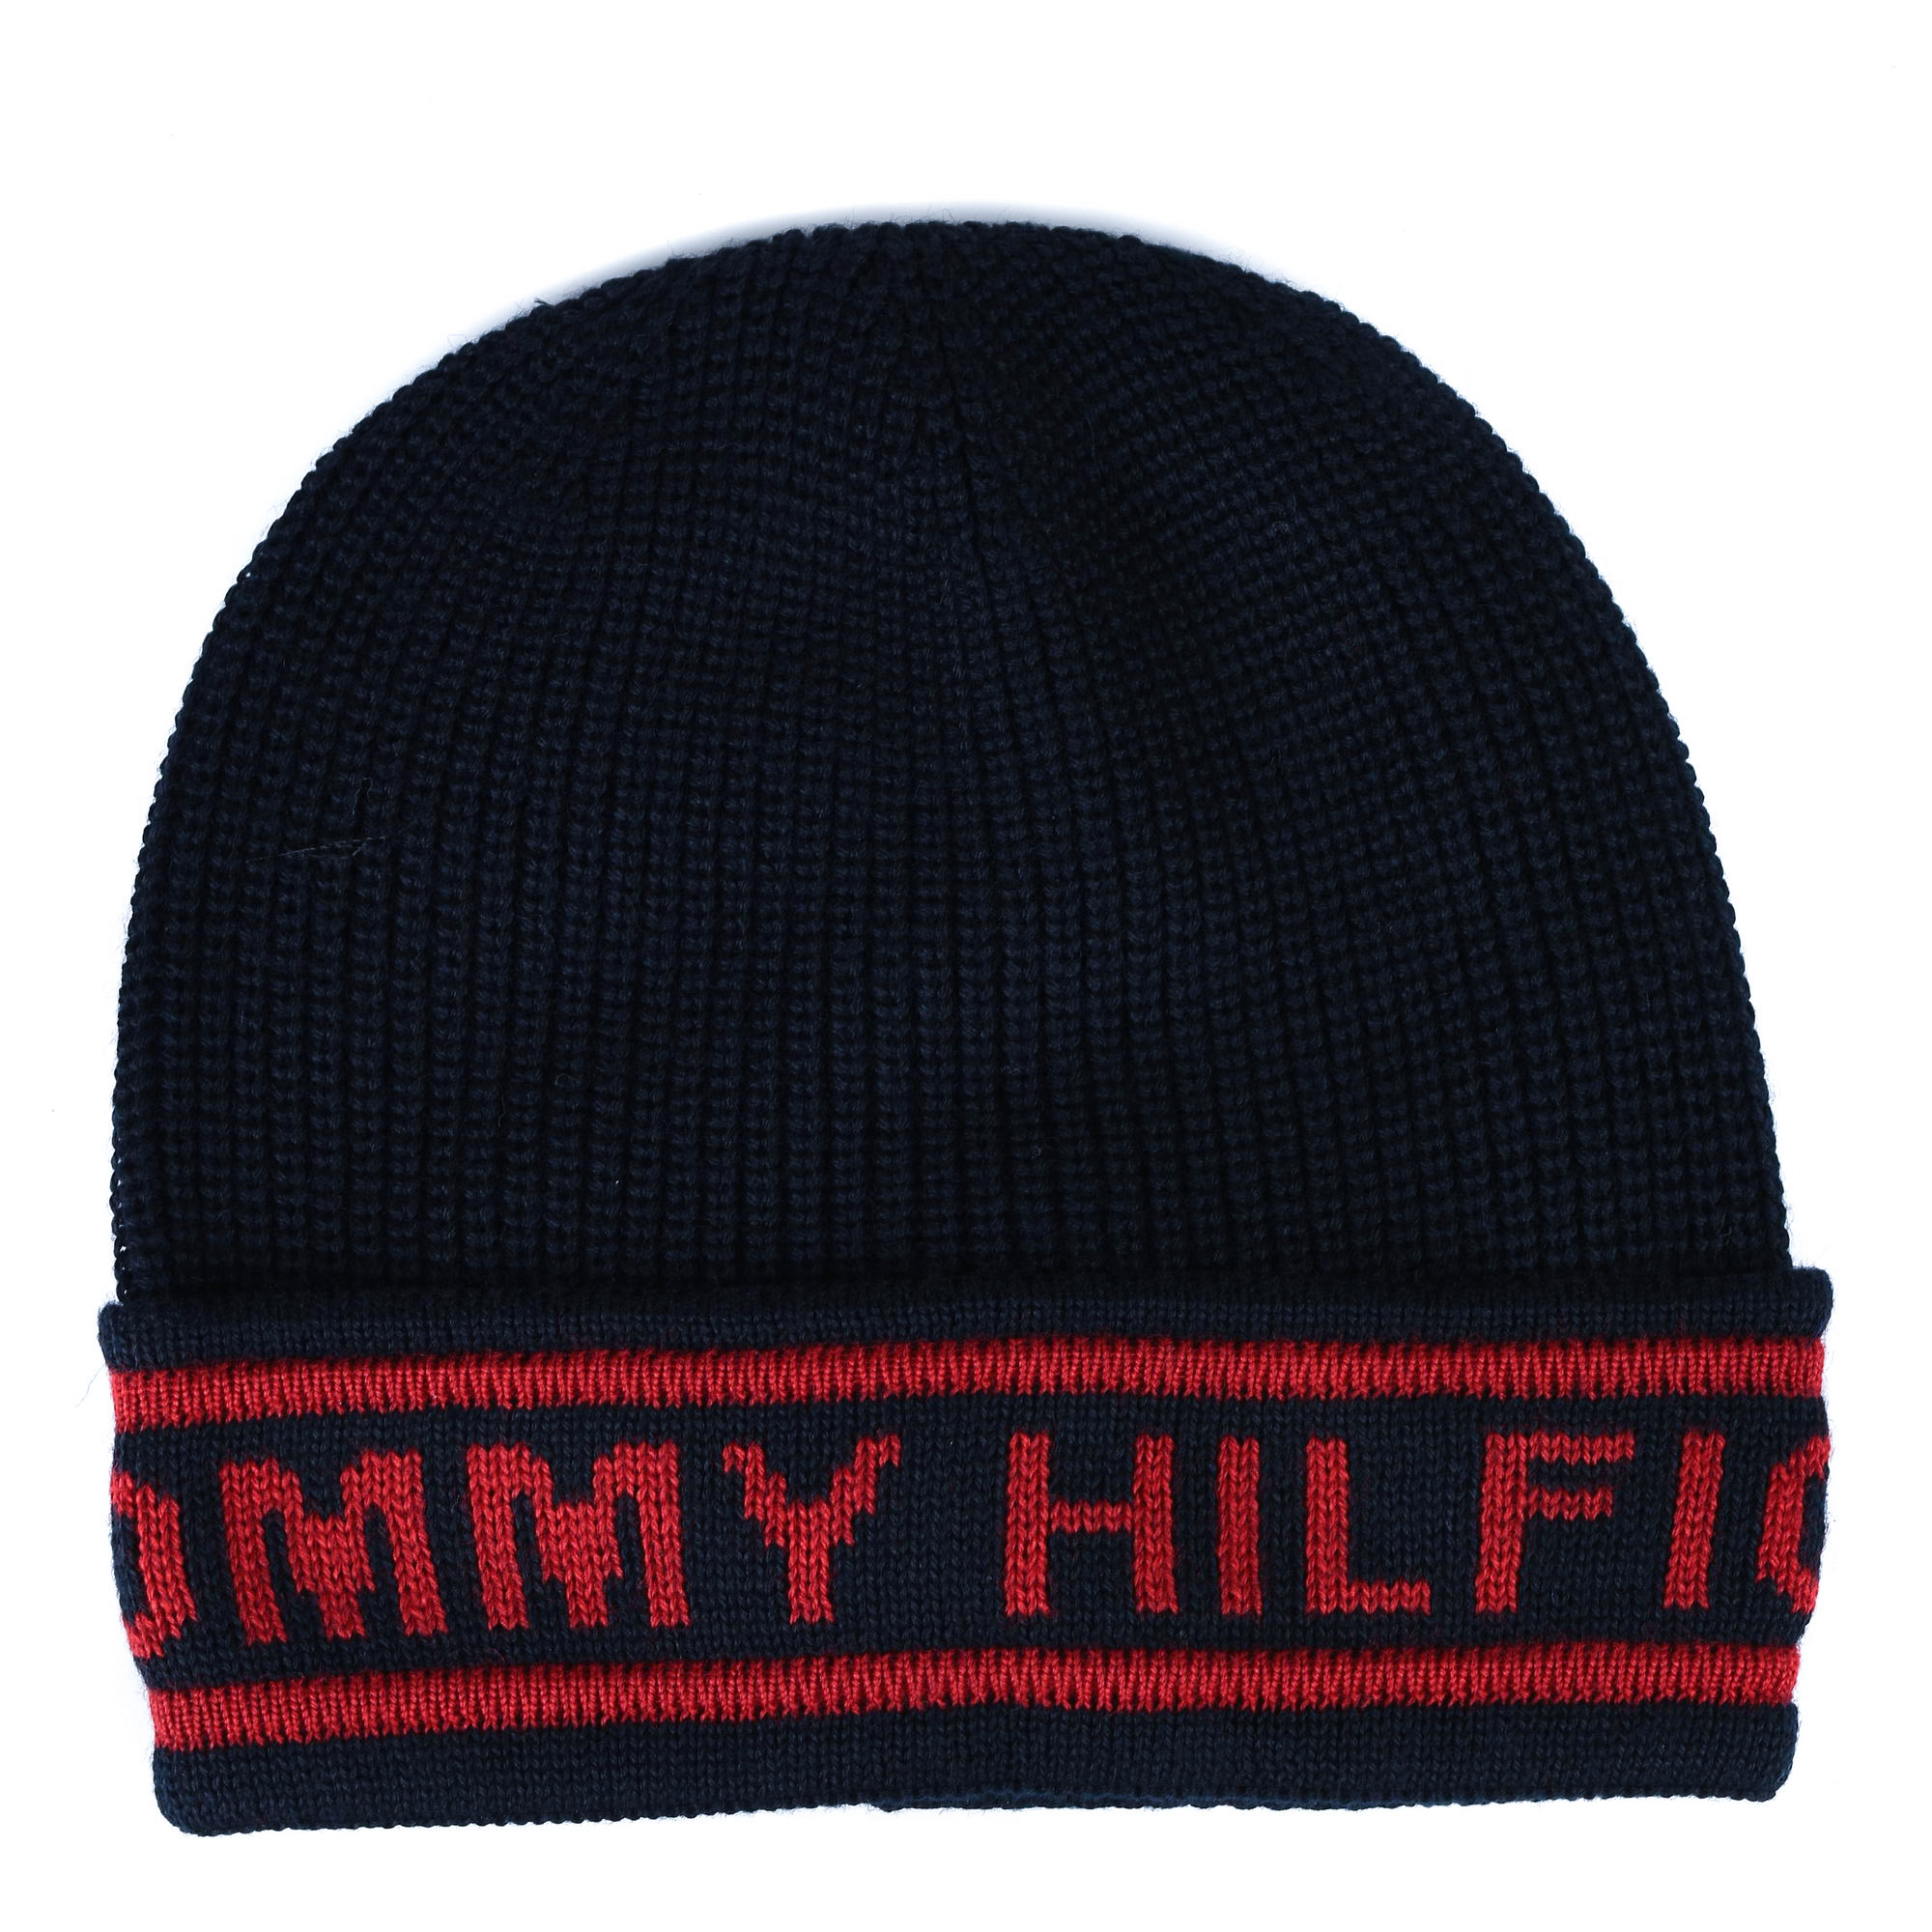 Σκουφάκι Tommy Hilfiger Selvedge Kint Beanie AM0AM03986 ανδρας   σκουφάκι